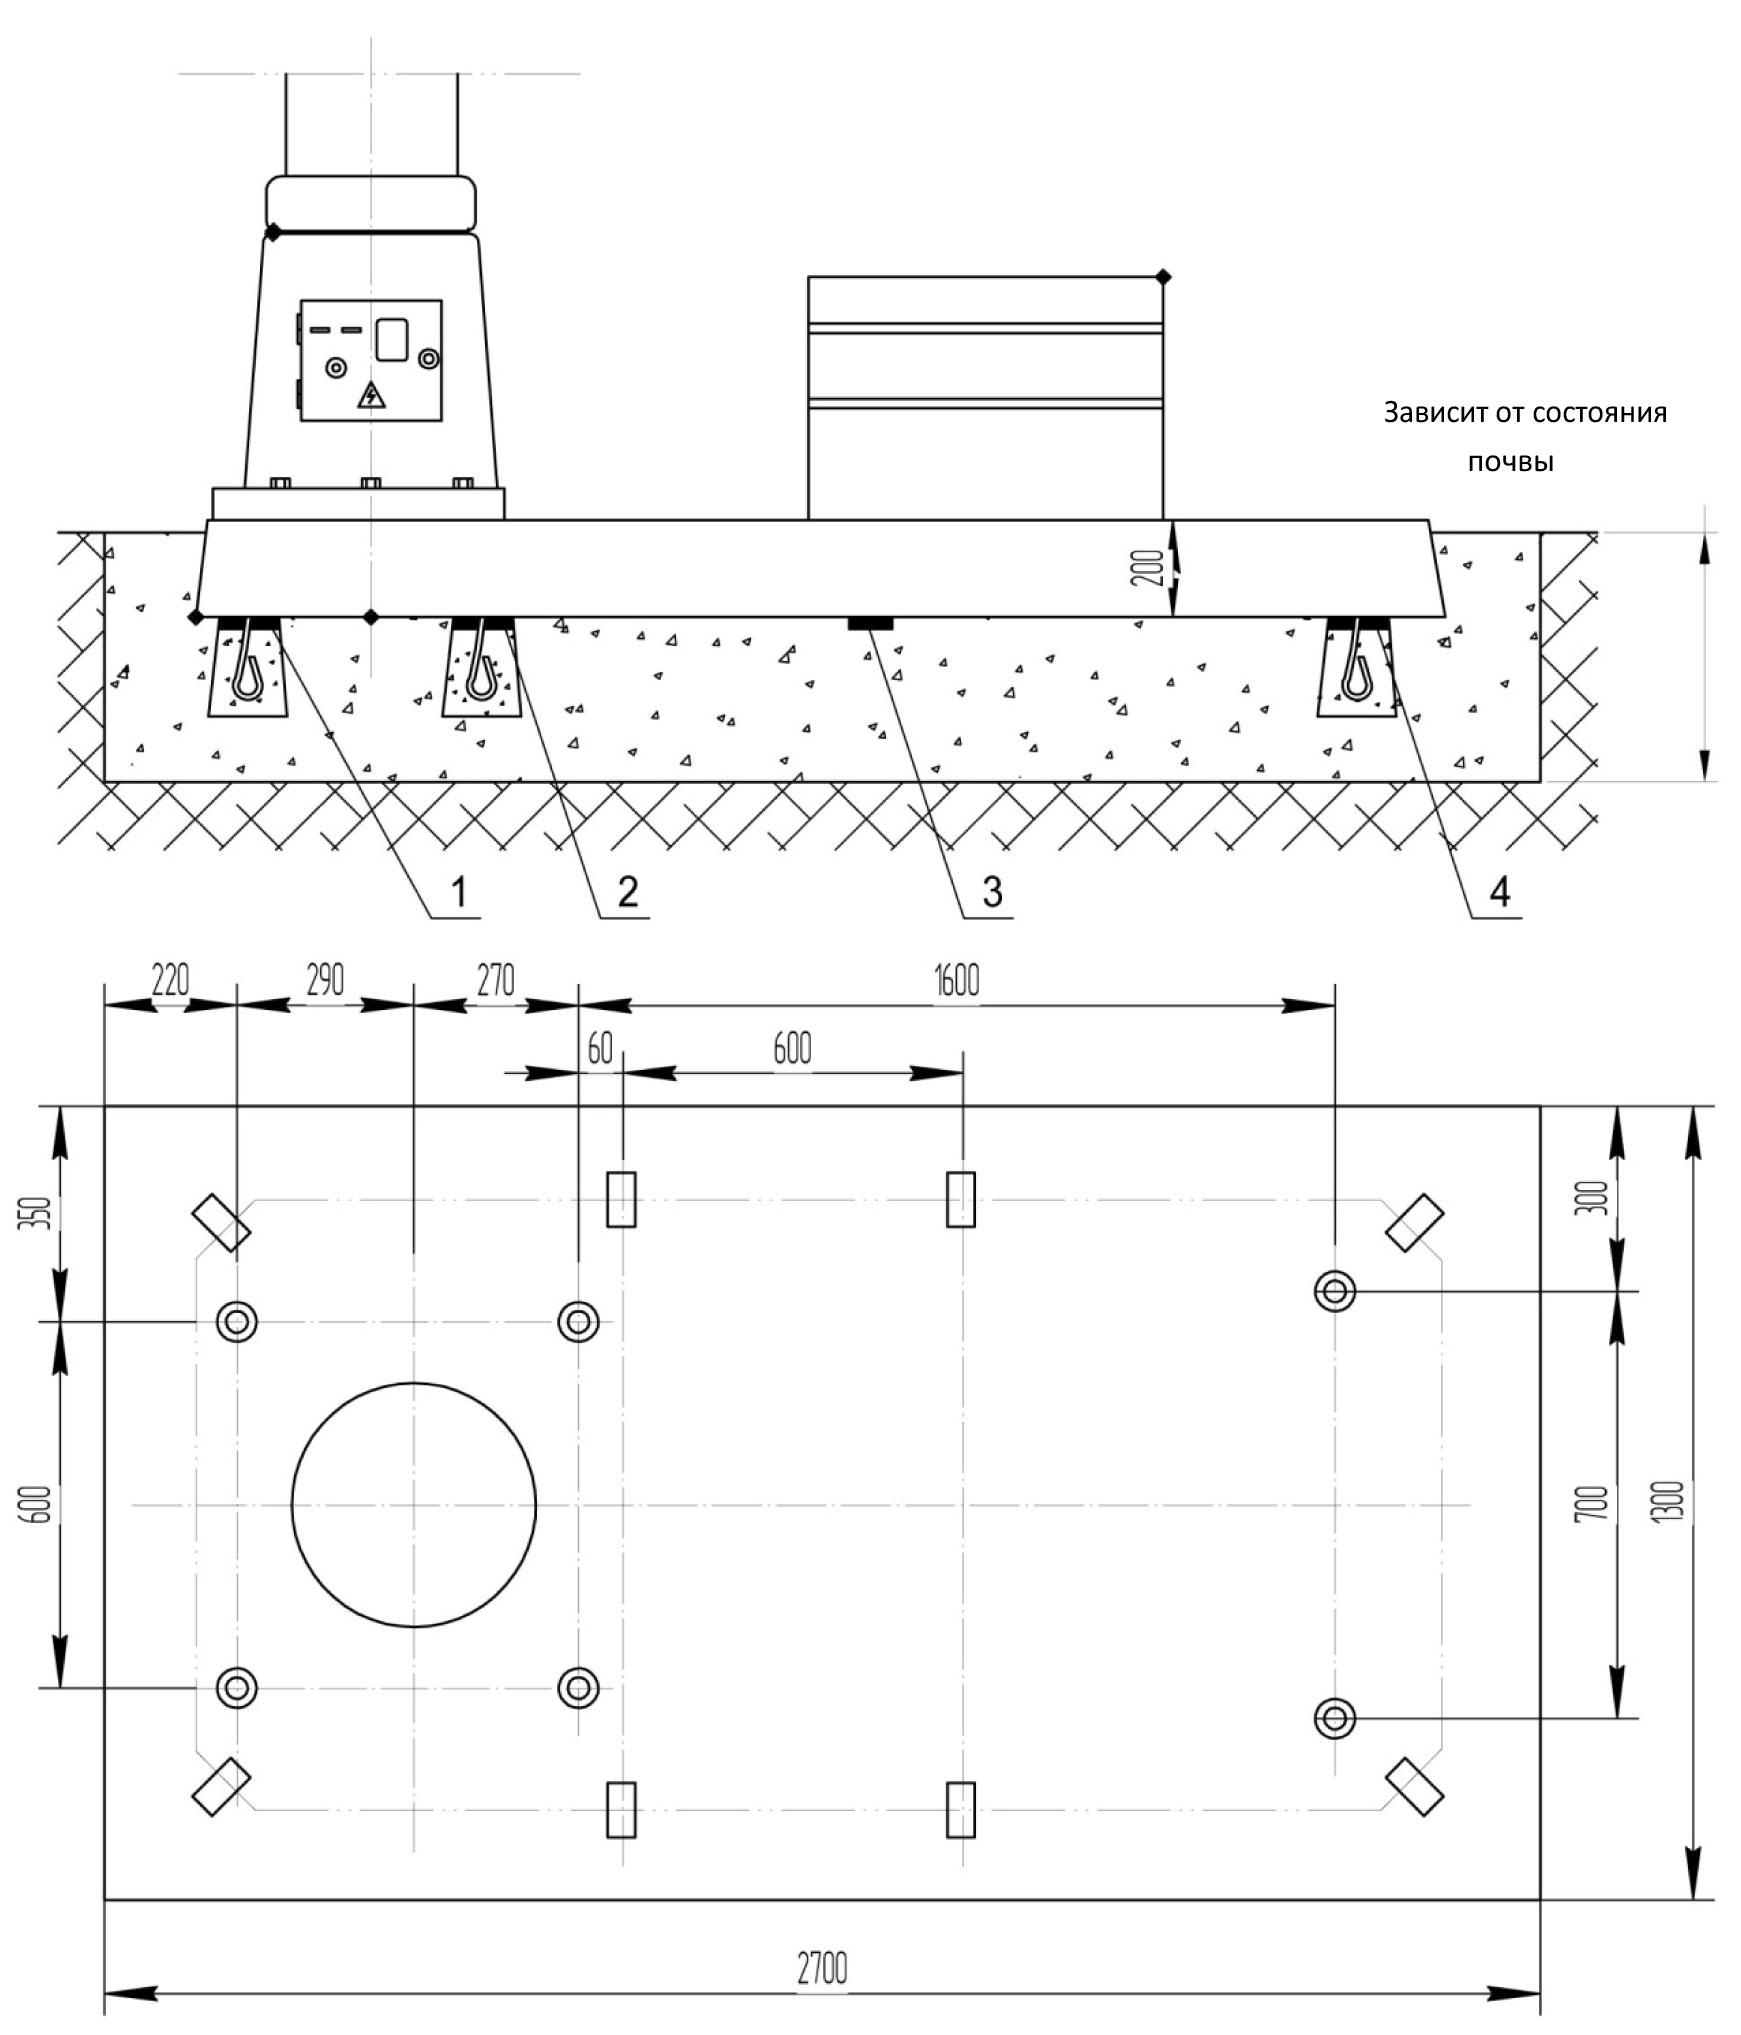 Фундаменты под оборудование: проектирование и устройство